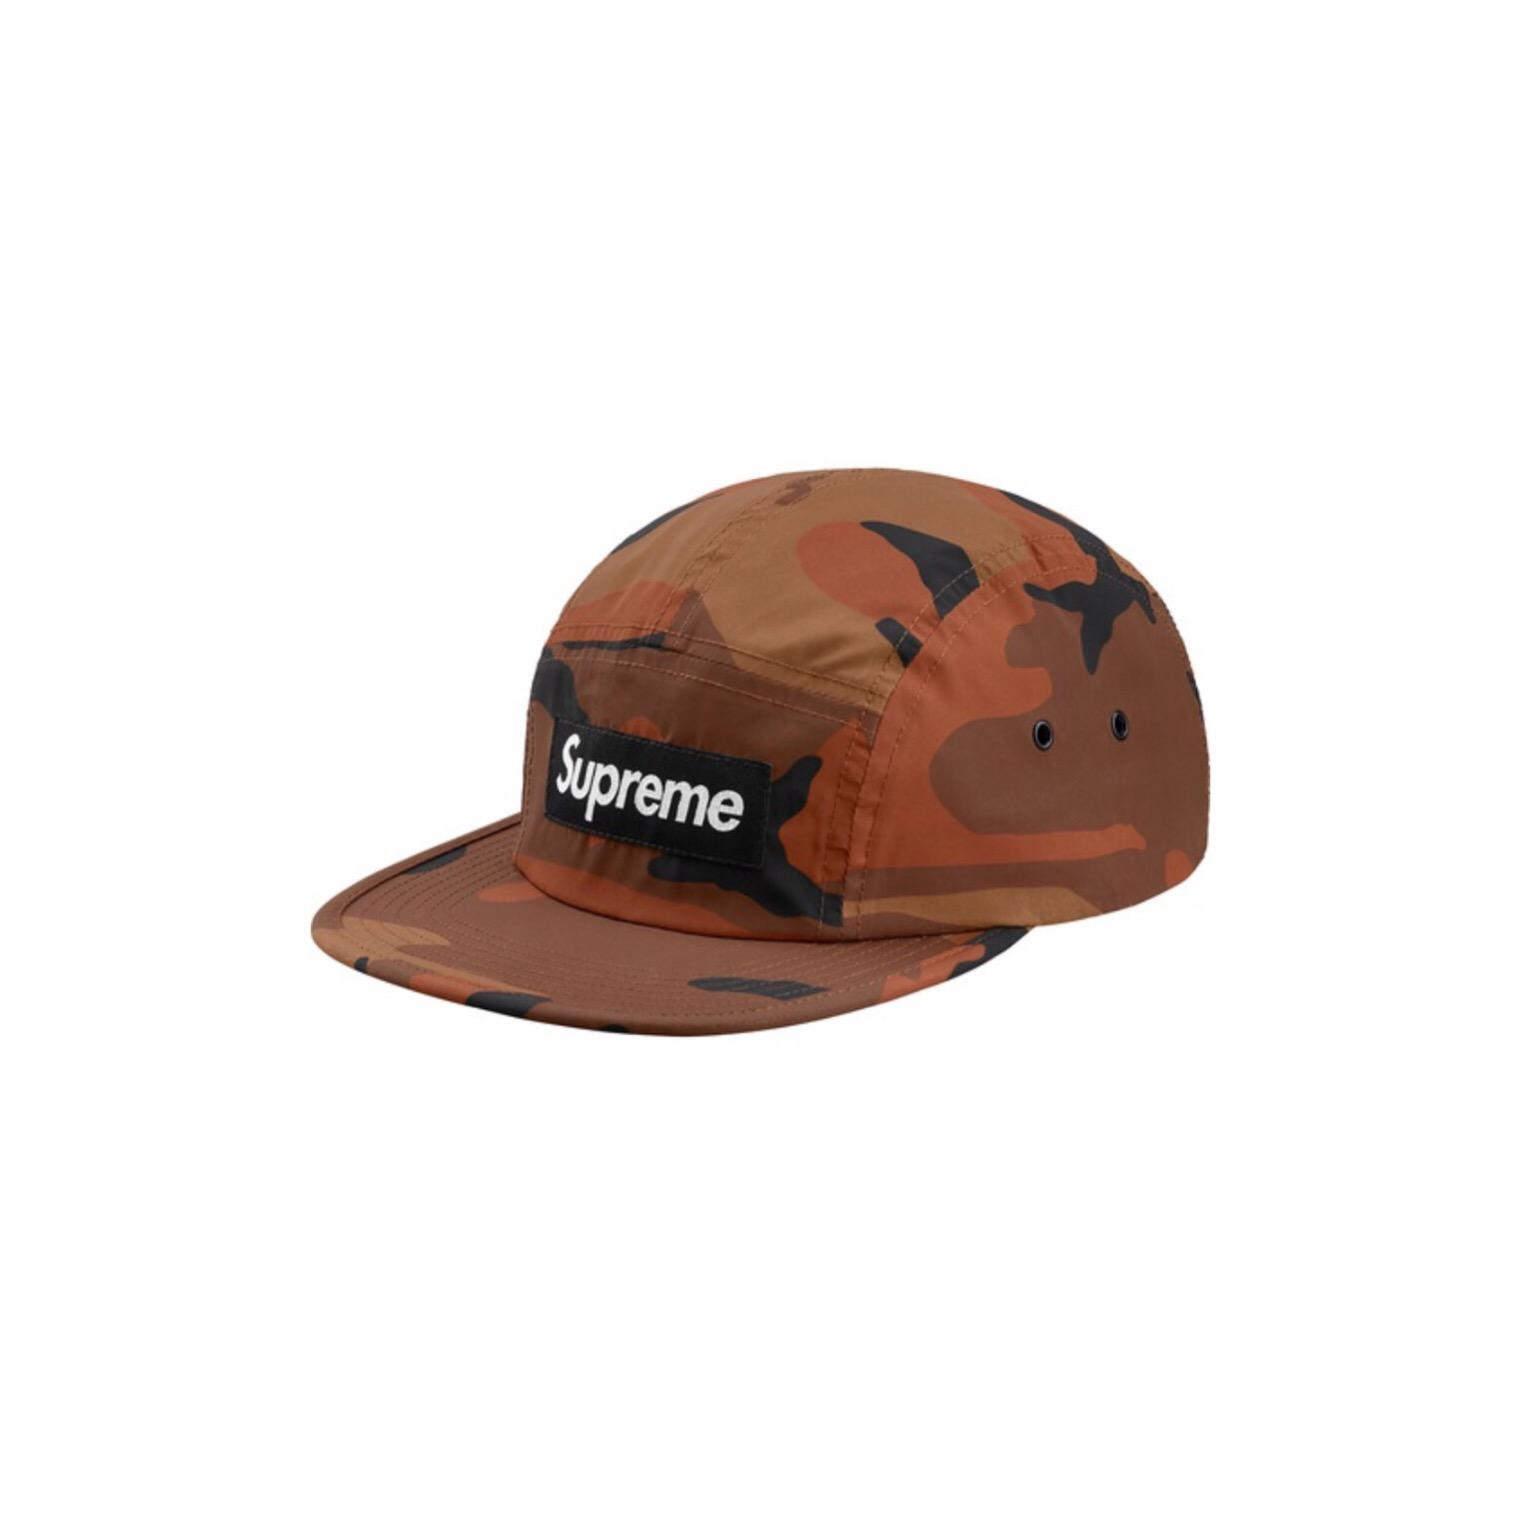 4d24d5e595e Supreme Supreme Reflective Camo Camp Cap - Orange Size one size - Hats for  Sale - Grailed